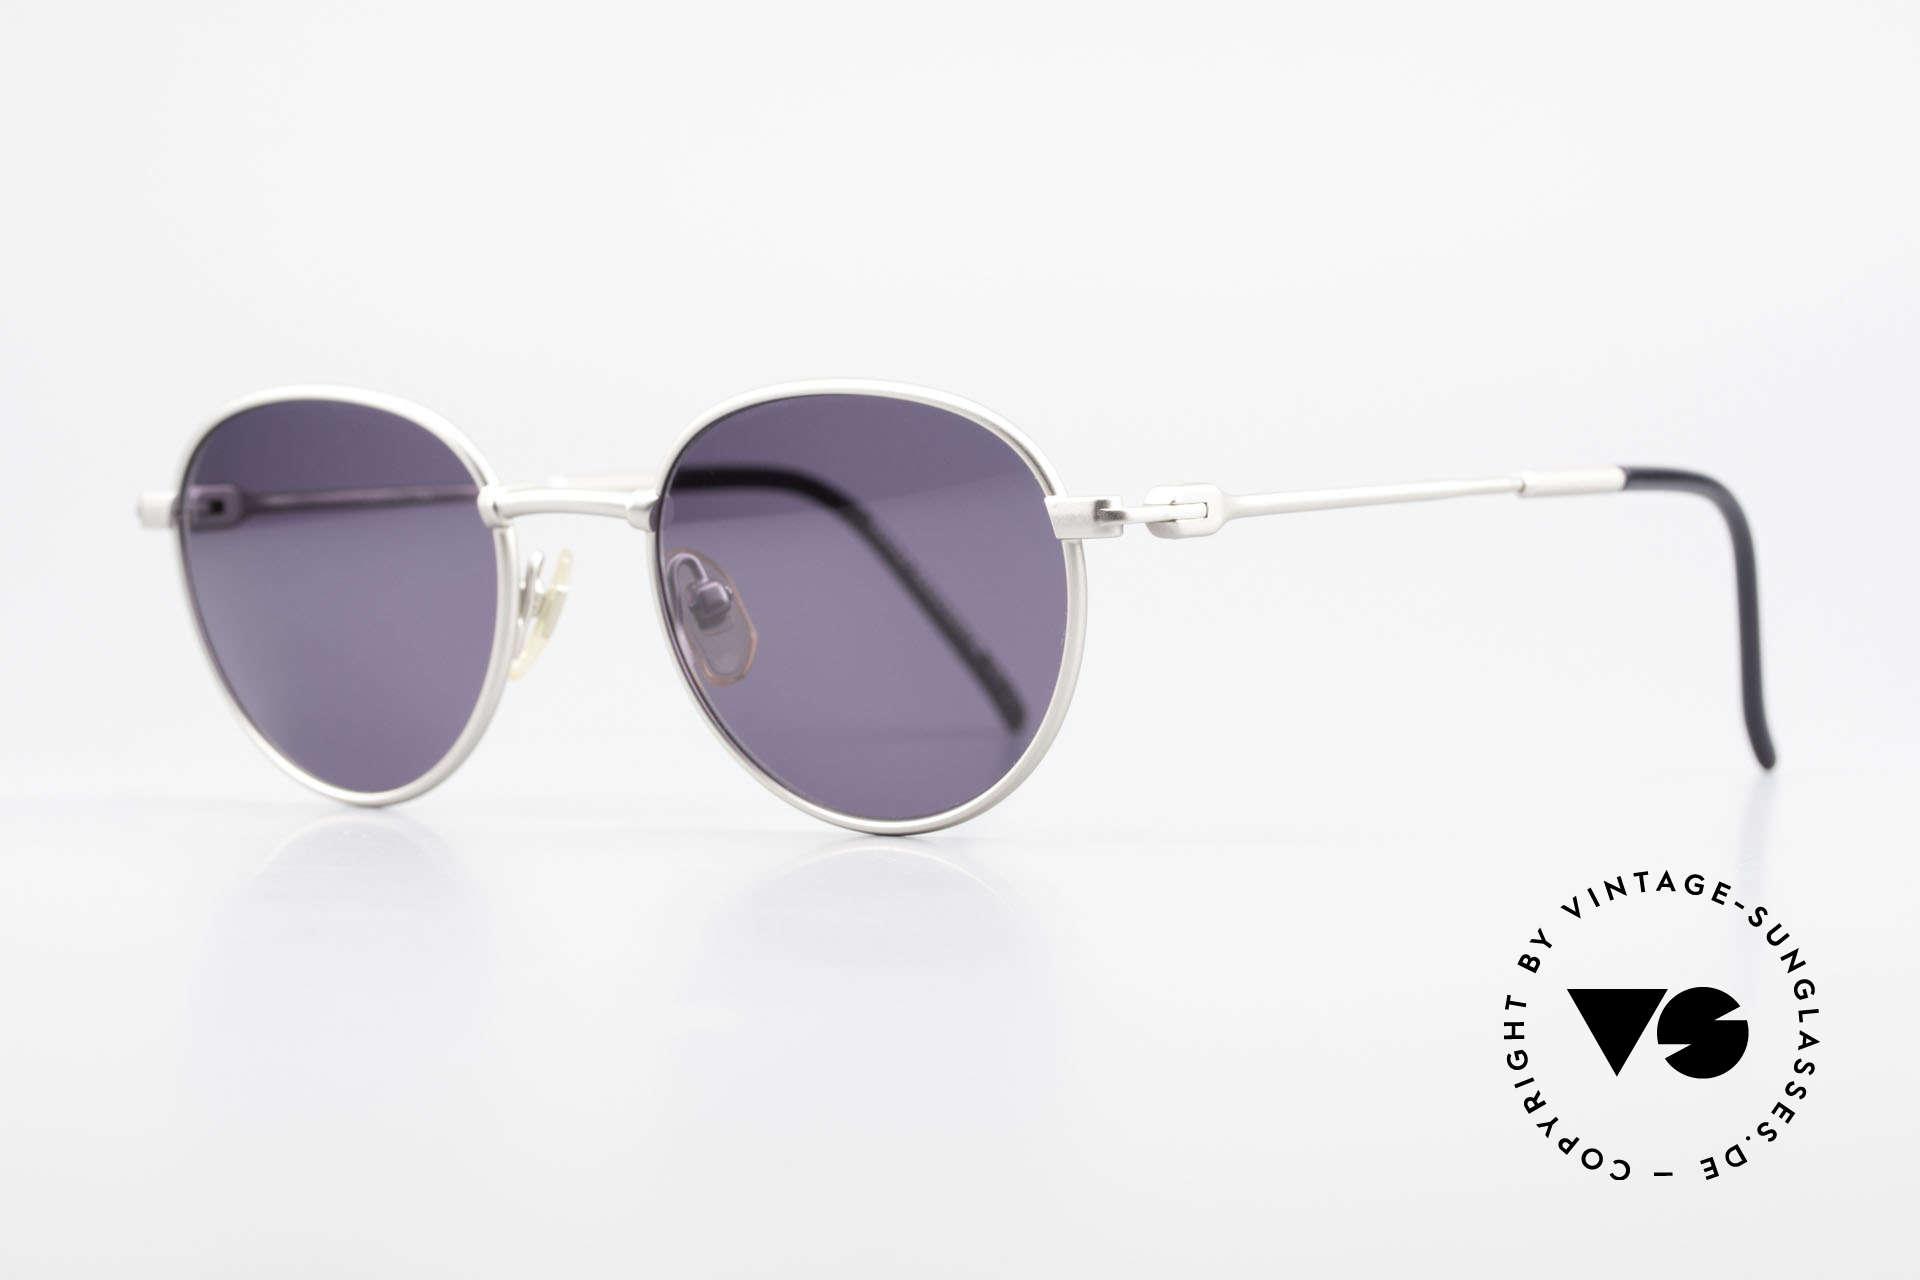 Yohji Yamamoto 52-4102 Panto Designer Sonnenbrille, zudem weltweit bekannt für hervorragende Fertigung, Passend für Herren und Damen